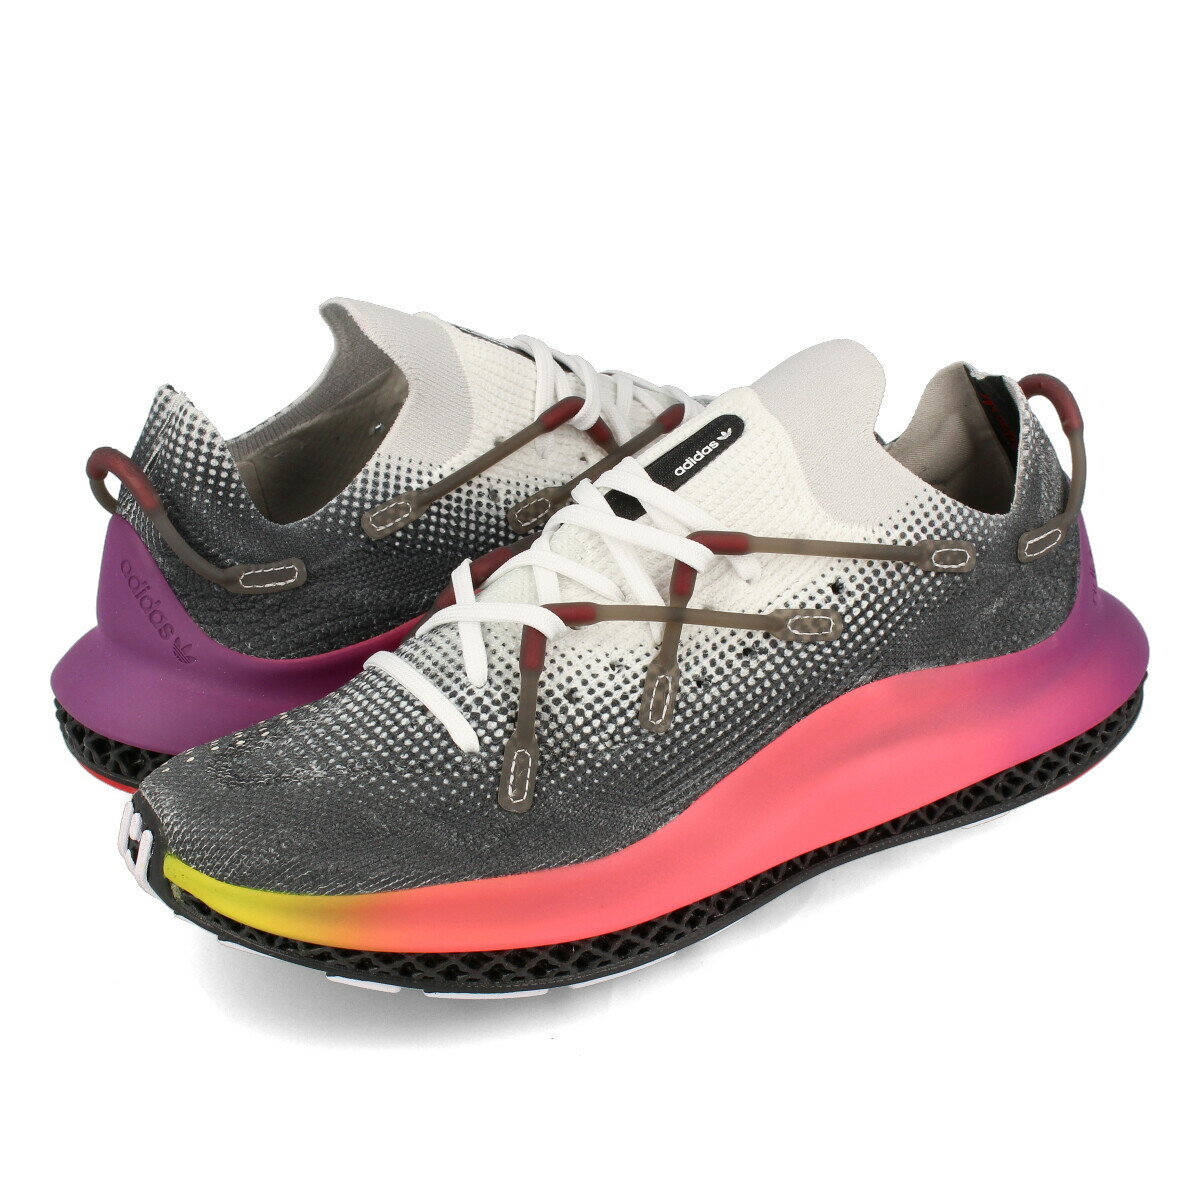 メンズ靴, スニーカー adidas 4D FUSIO 4D FTWR WHITEULTRA PURPLECORE BLACK fy3609